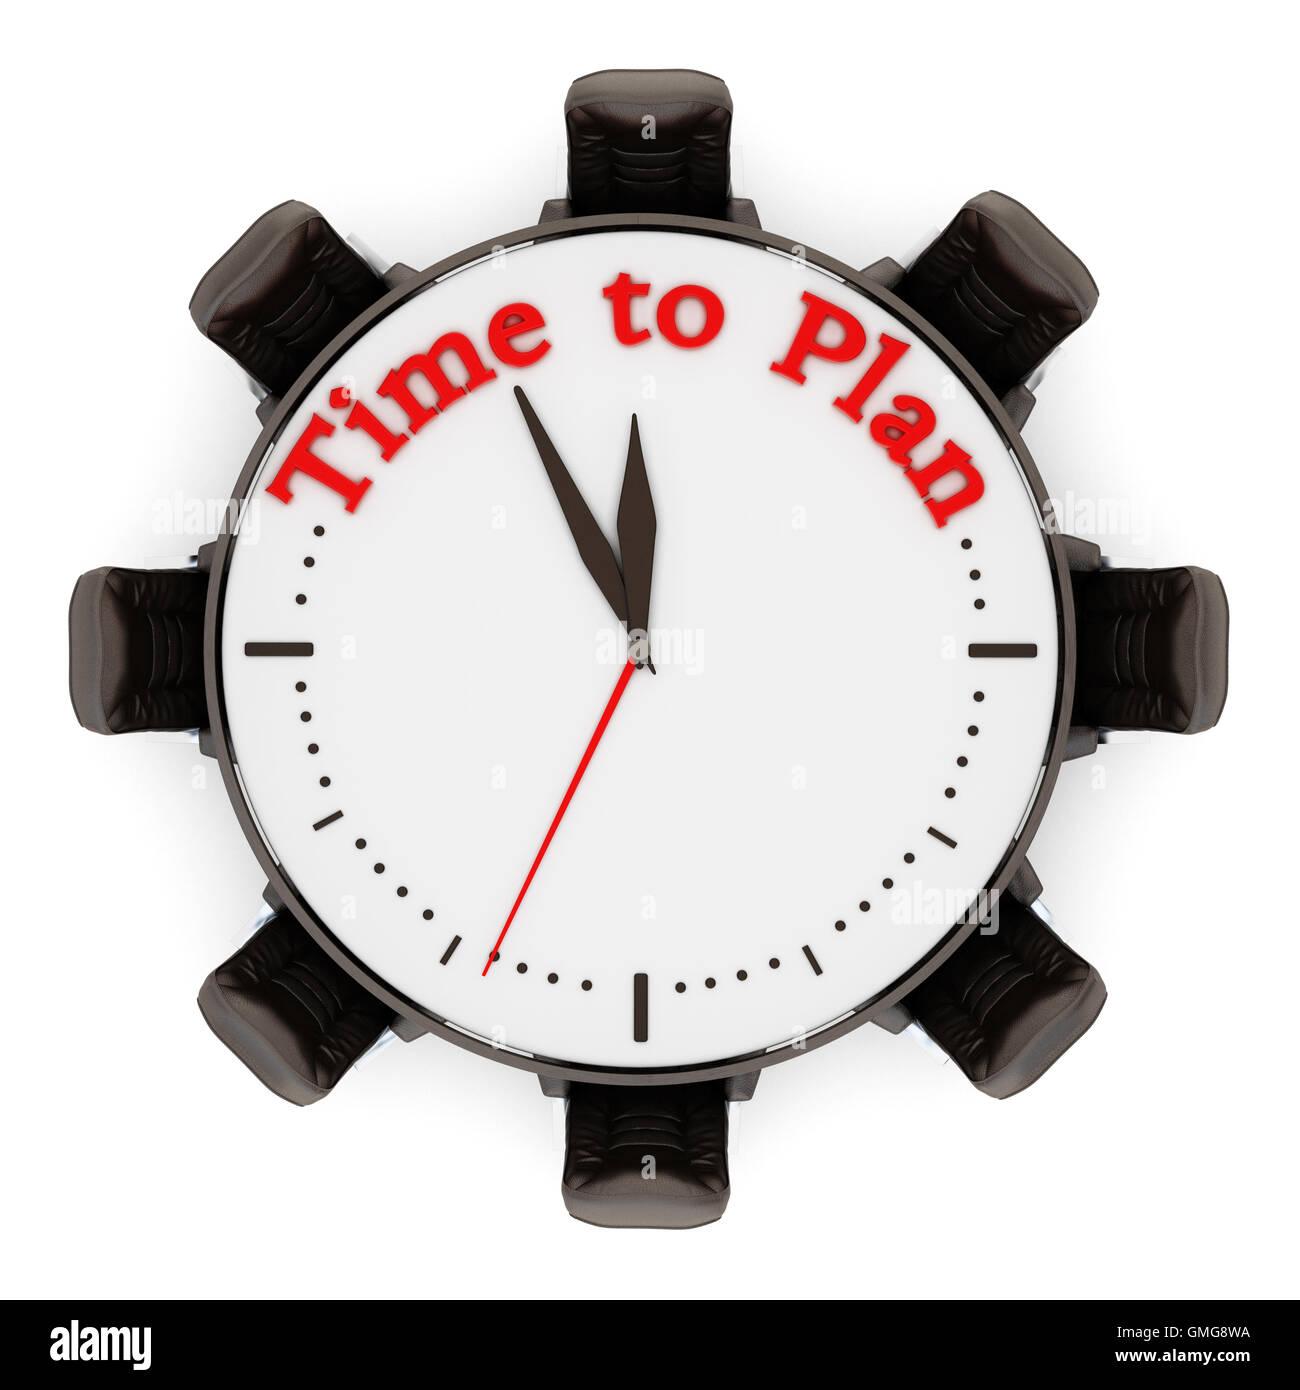 Le temps de planifier la sentence à l'horloge avec des chaises. 3D illustration. Photo Stock